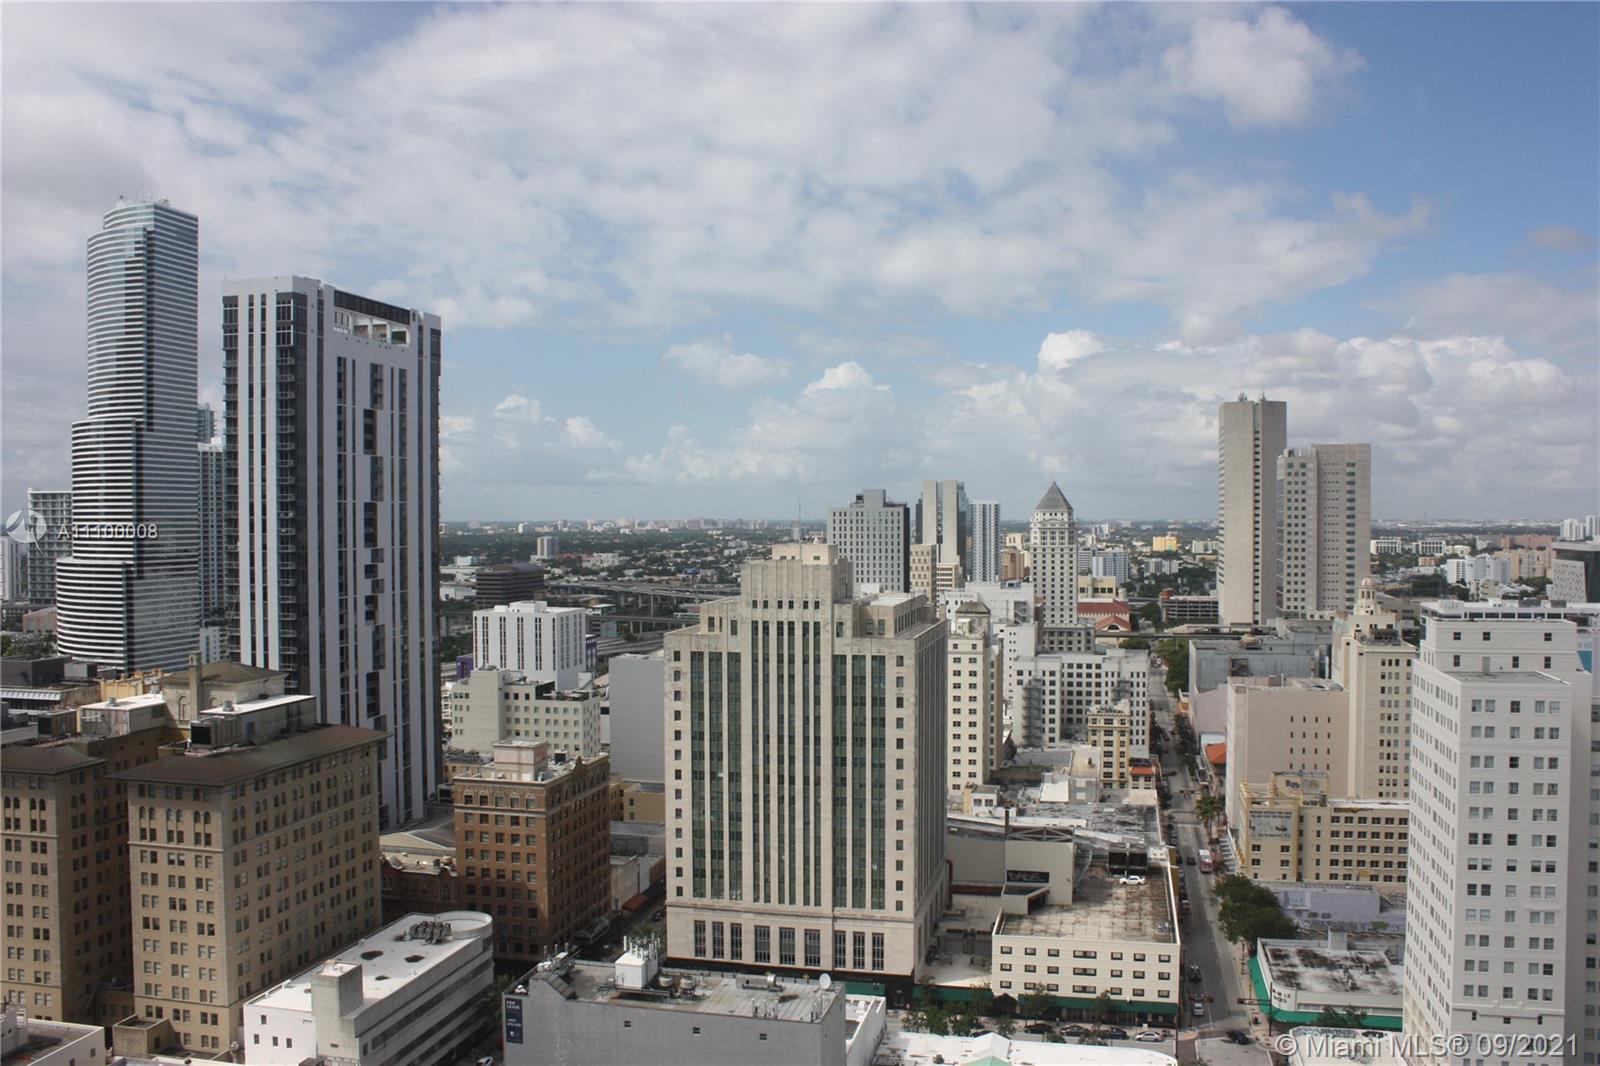 50 Biscayne #3109 - 50 Biscayne Blvd #3109, Miami, FL 33132